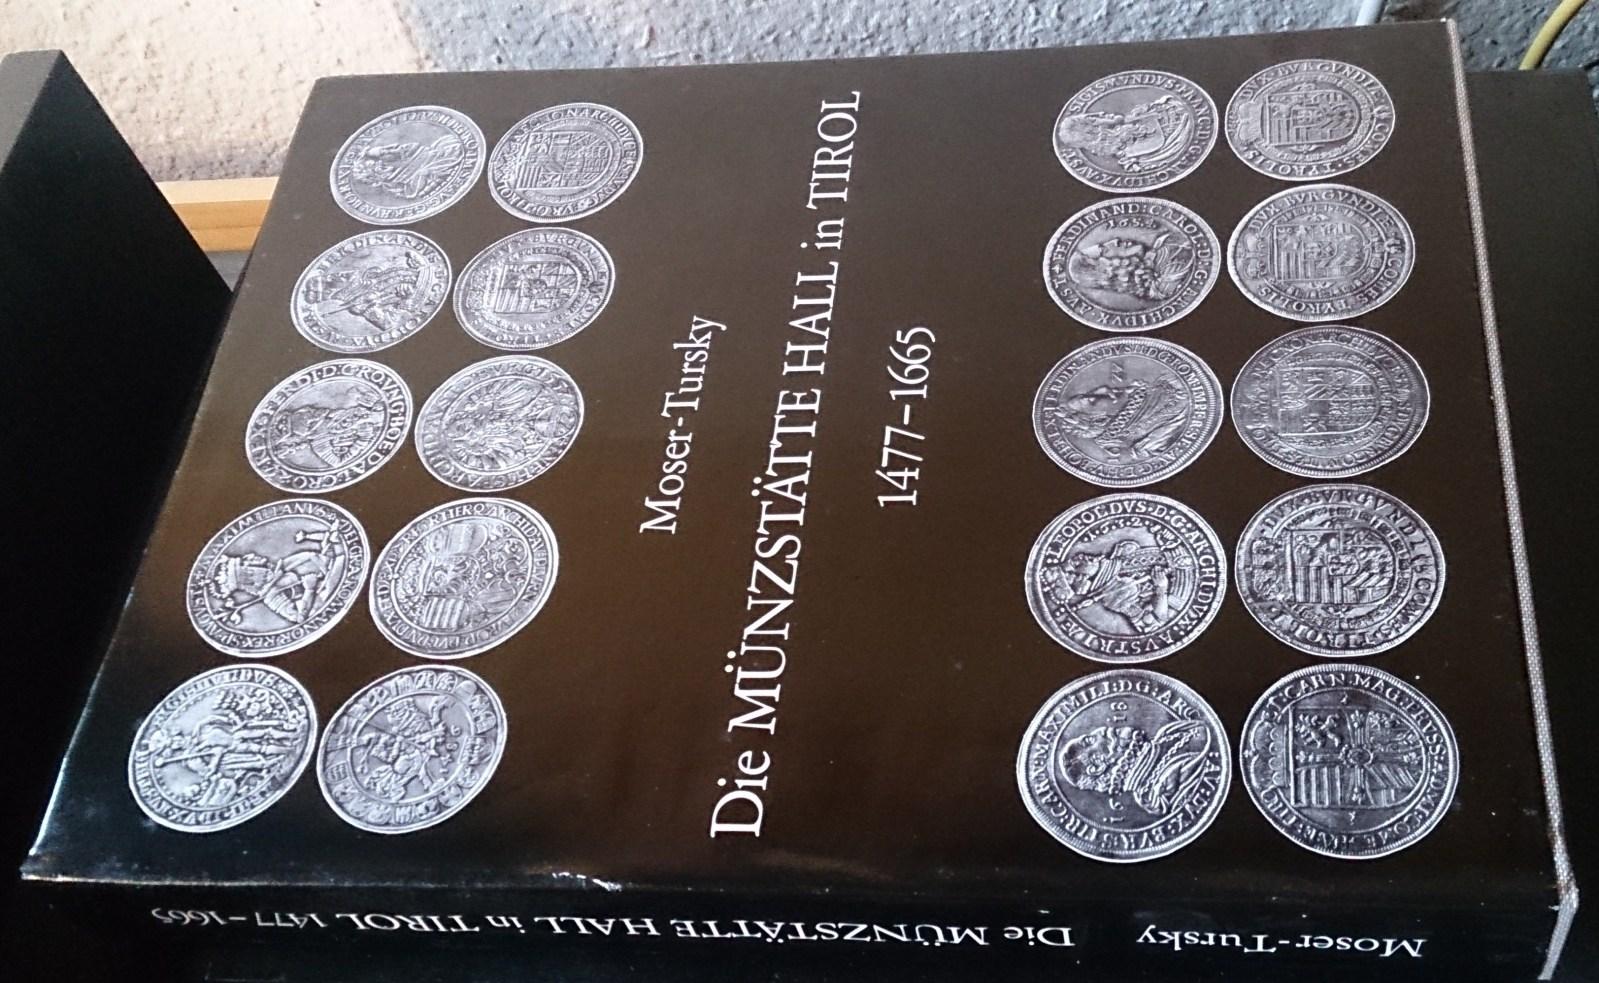 Libros sobre numismática 2ezp9vq